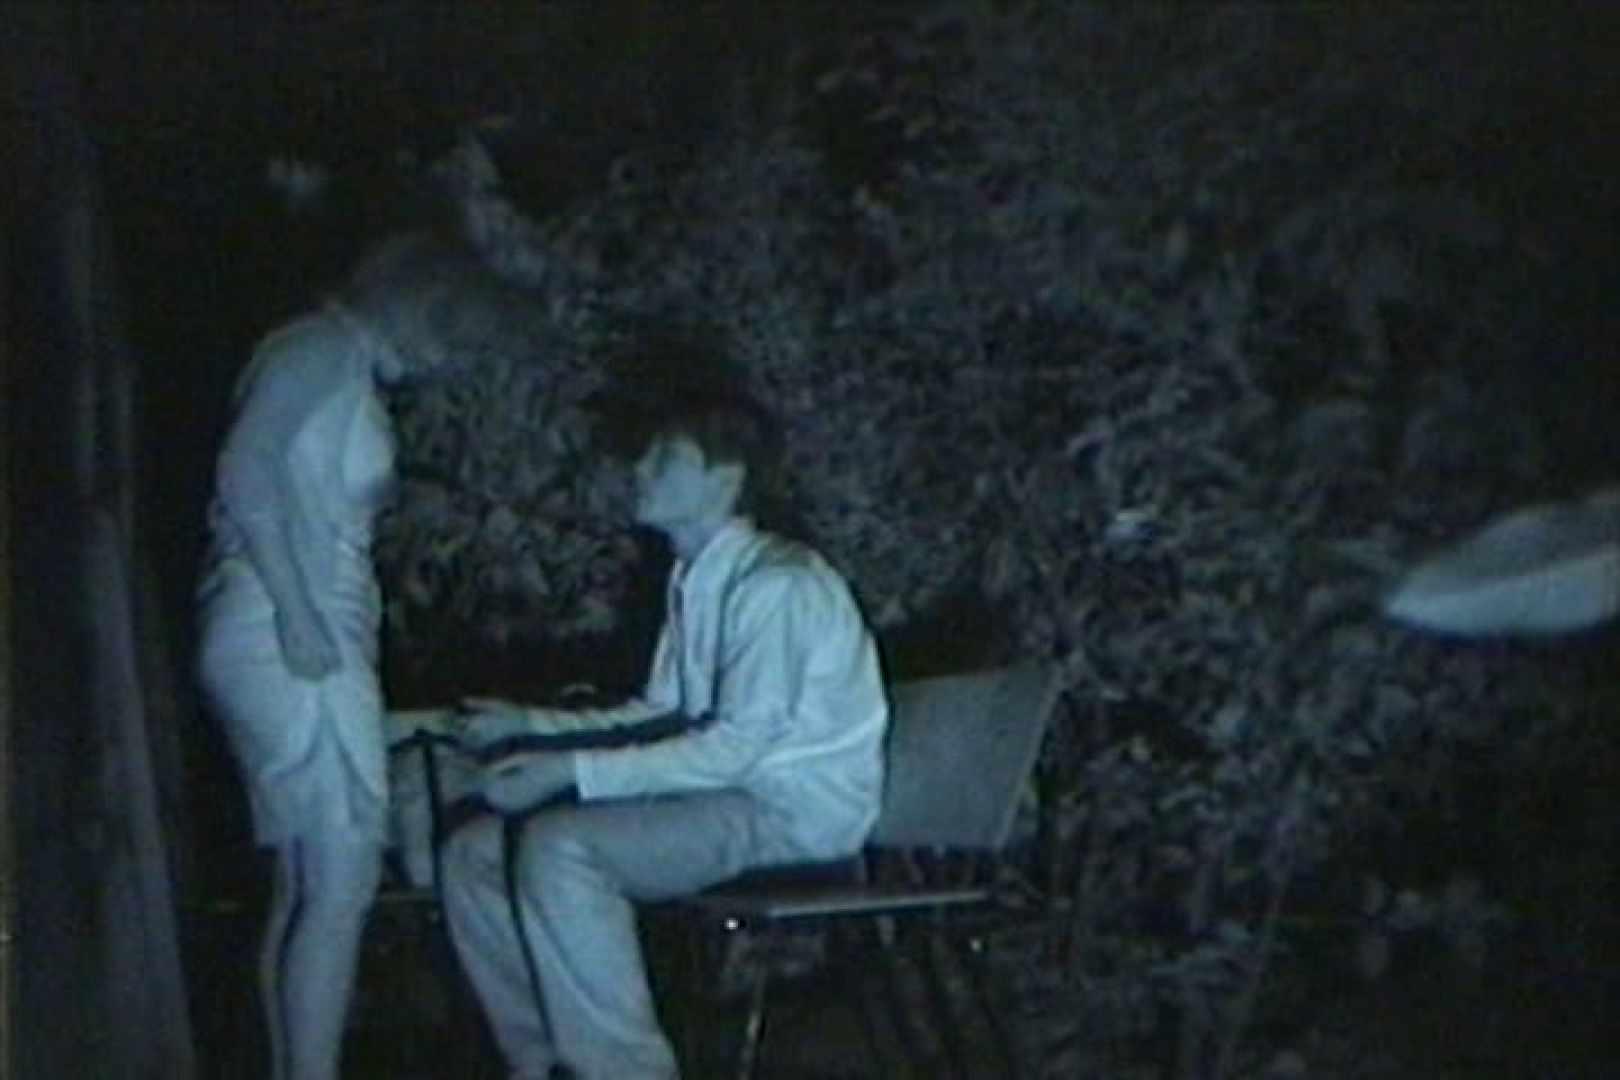 闇の仕掛け人 無修正版 Vol.24 すけべなOL オマンコ無修正動画無料 102画像 92